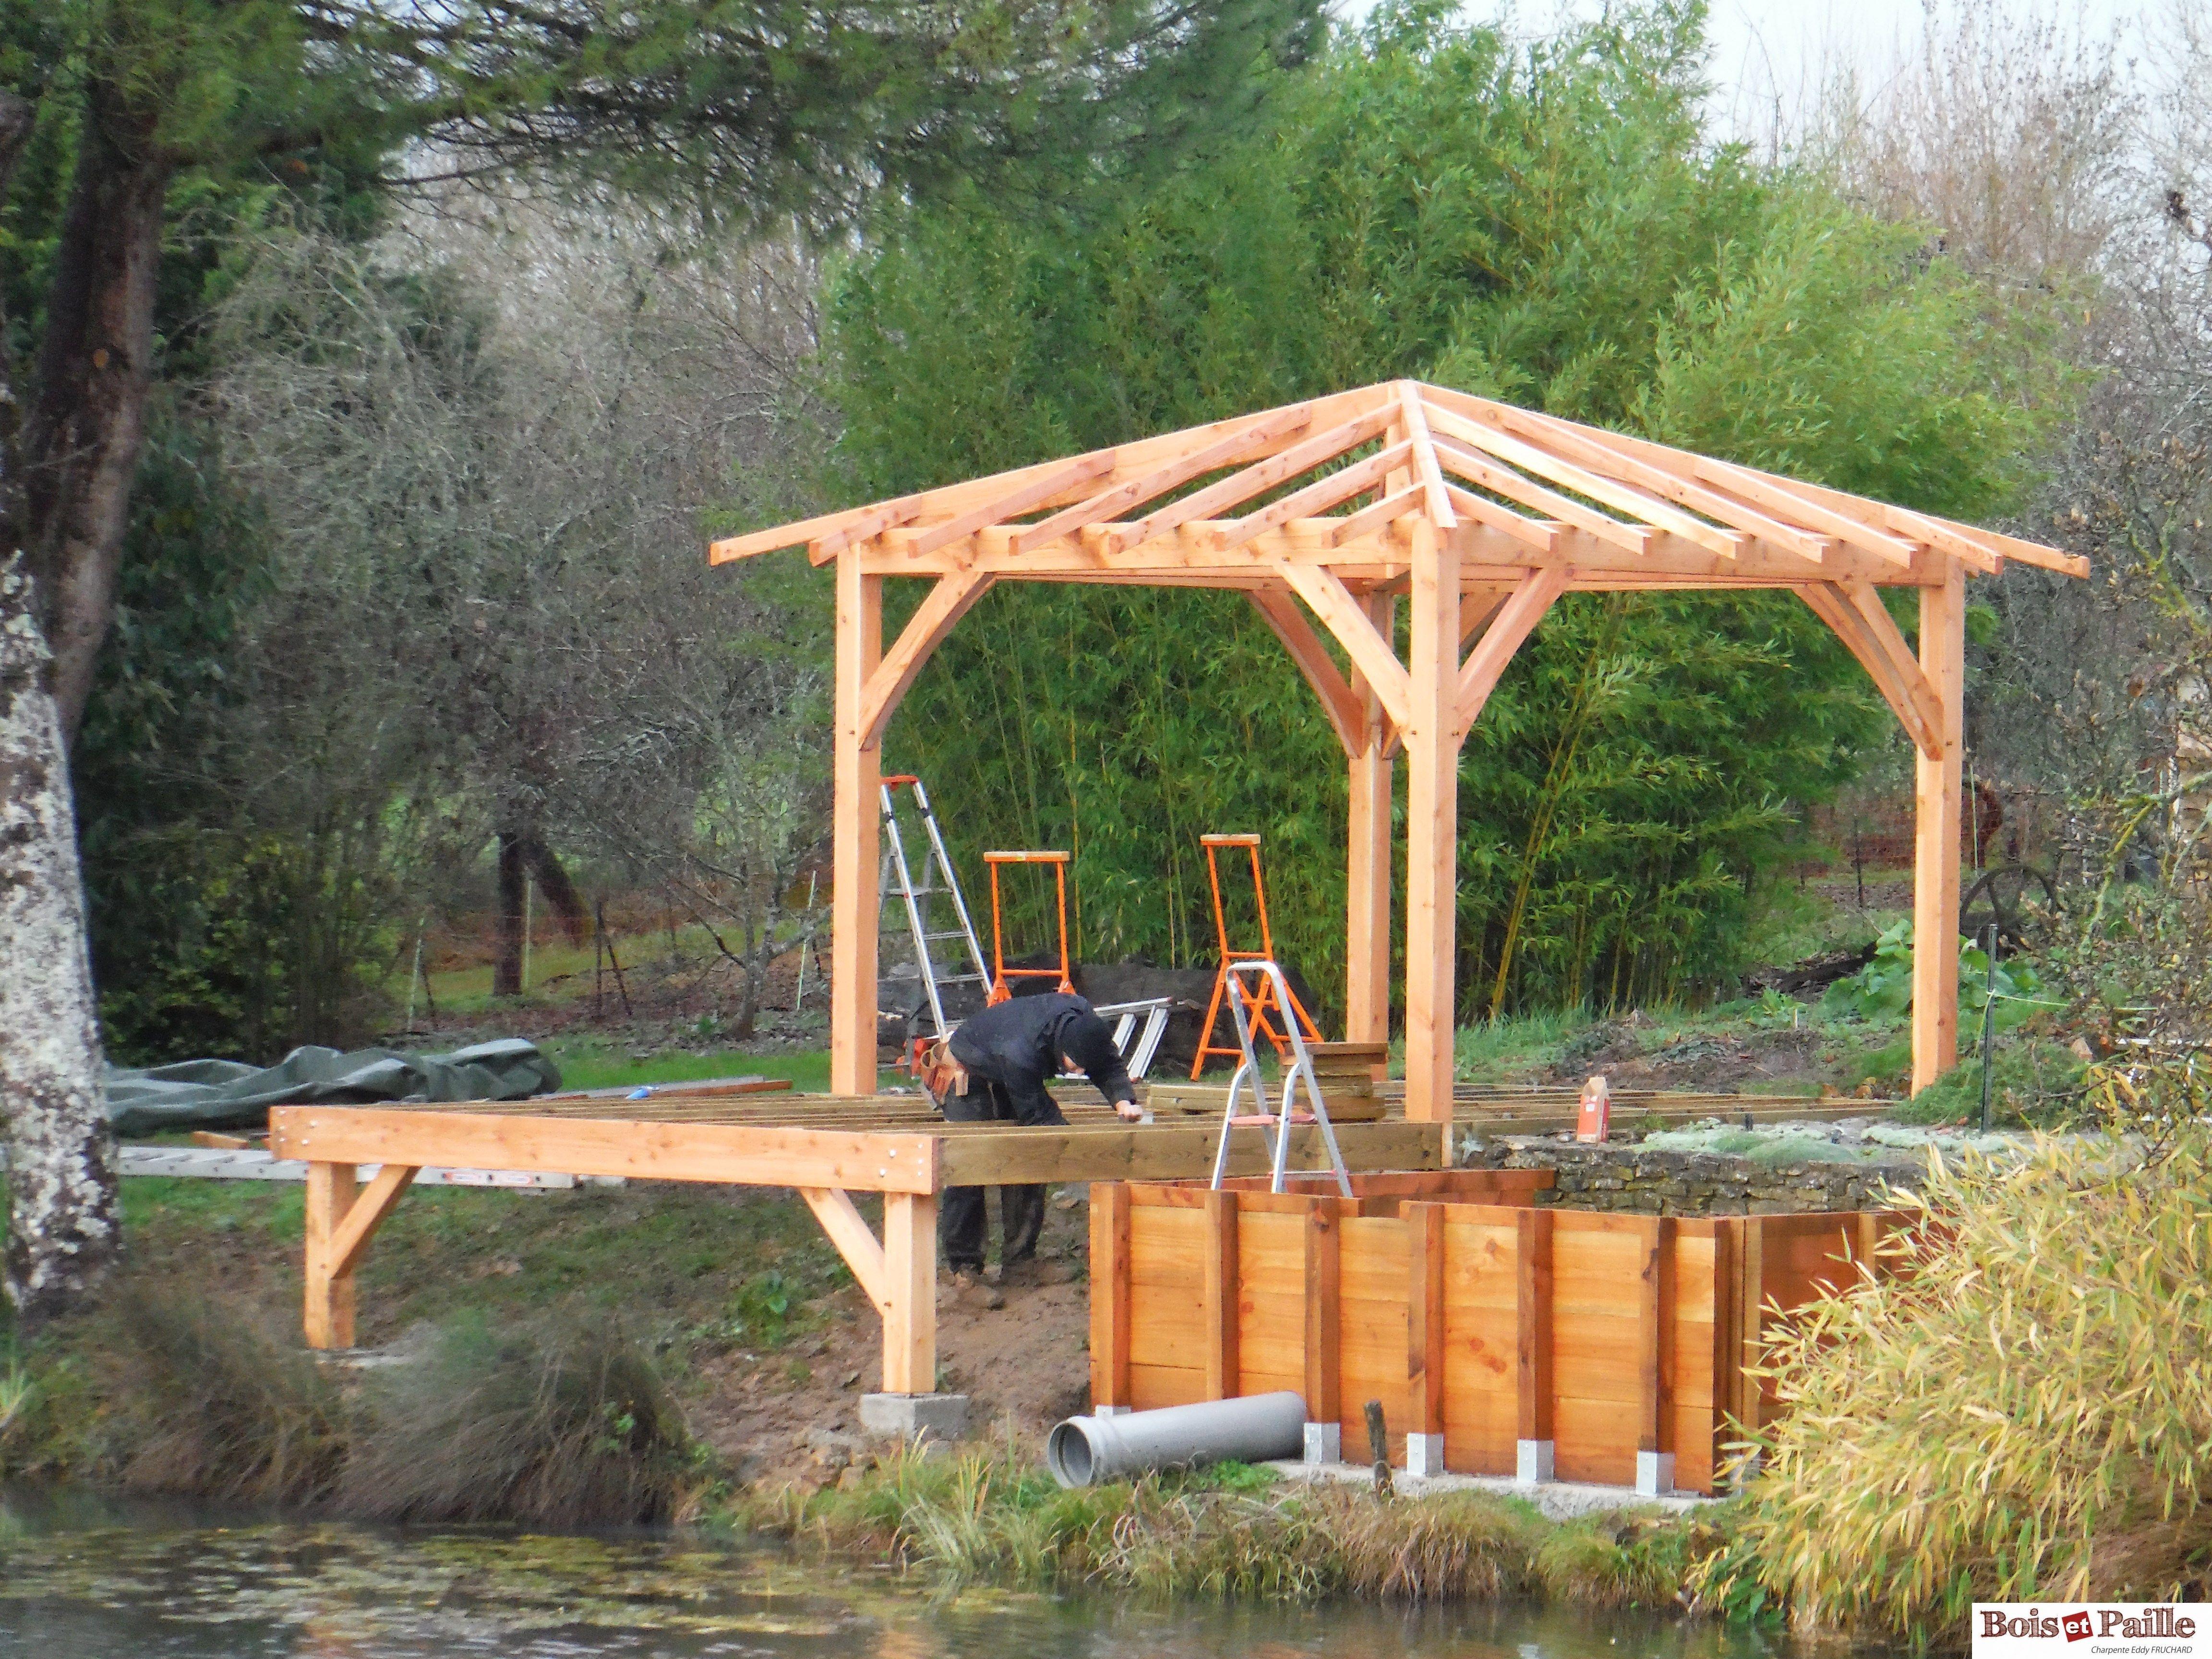 Prix Kiosque Pour Jardin Avec Terrasse Bois Toiture 4 Pans Couverture En Zing Pour Jardin Bois Et Paille Char Patio En Bois Jardin Avec Terrasse Terrasse Bois